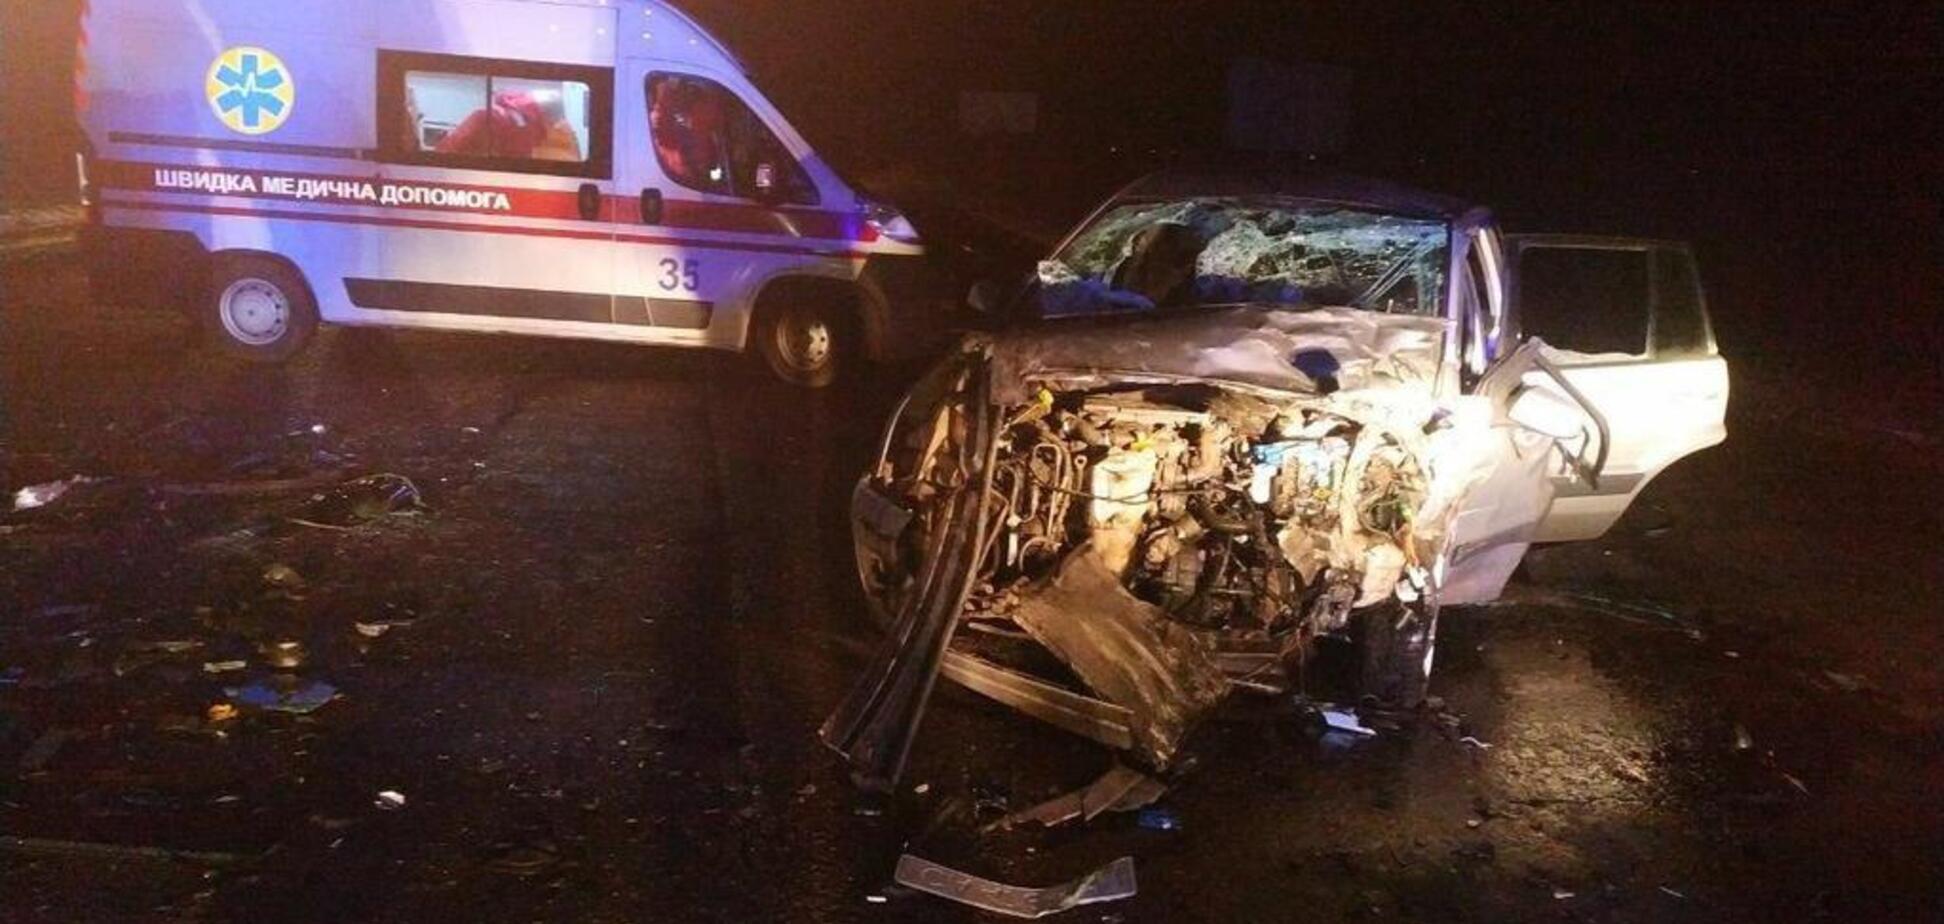 Смертельное столкновение: возле аэропорта в Черкассах произошла жуткая авария